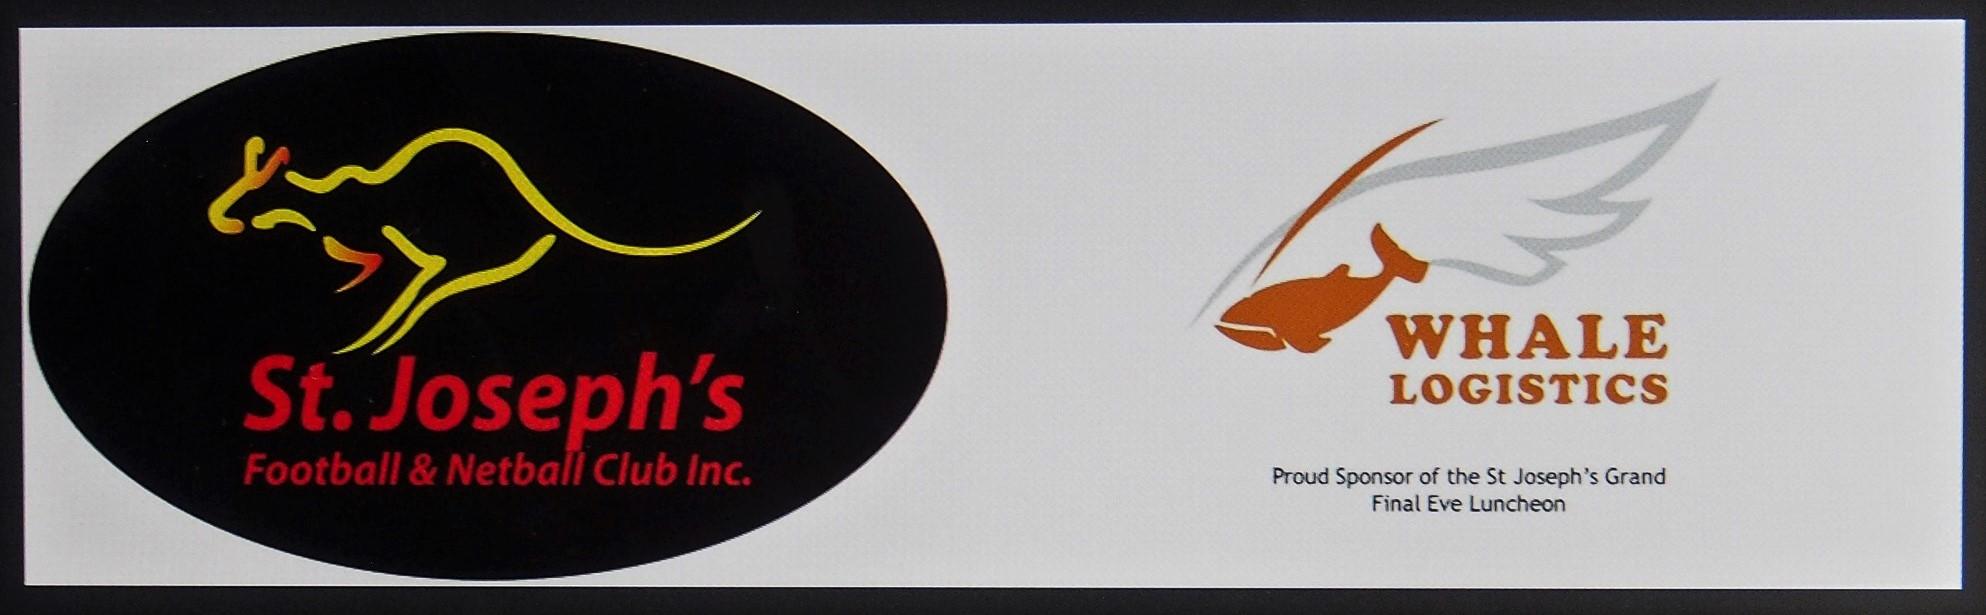 p9260058-coastalpix-270919-logo.jpg